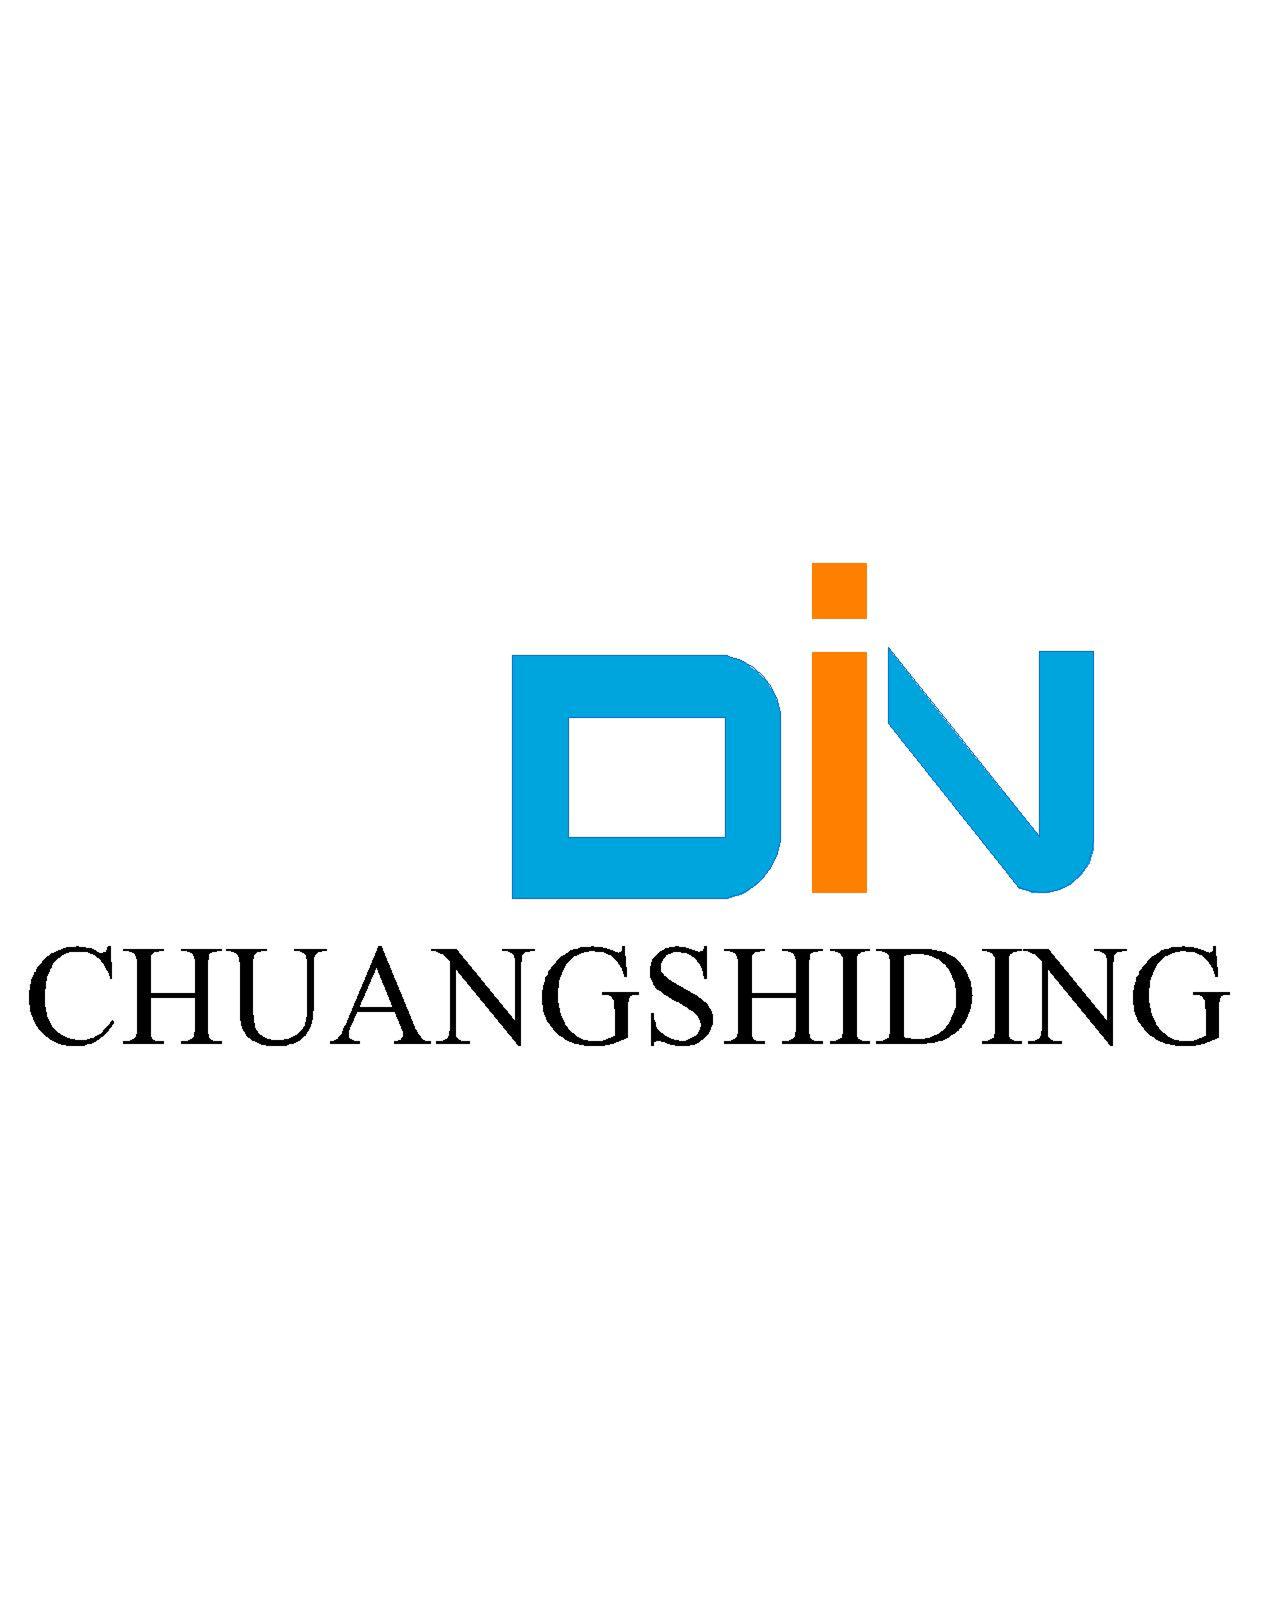 Shenzhen Chuangshiding (Shenzhen CSD)